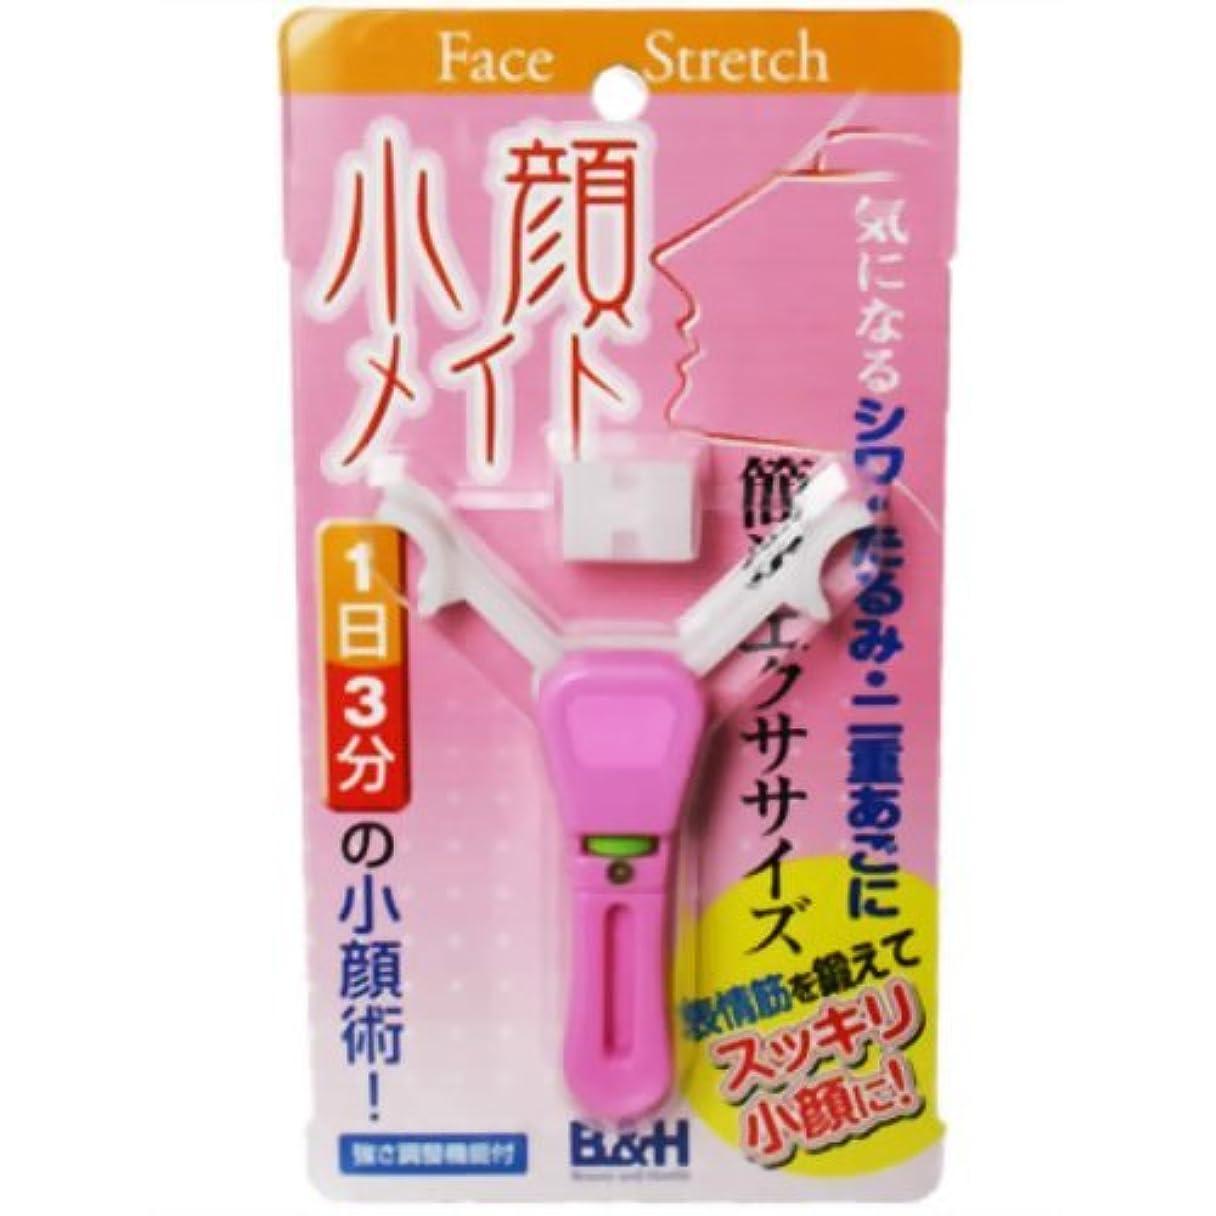 ビューティー&ヘルス 小顔メイト ピンク